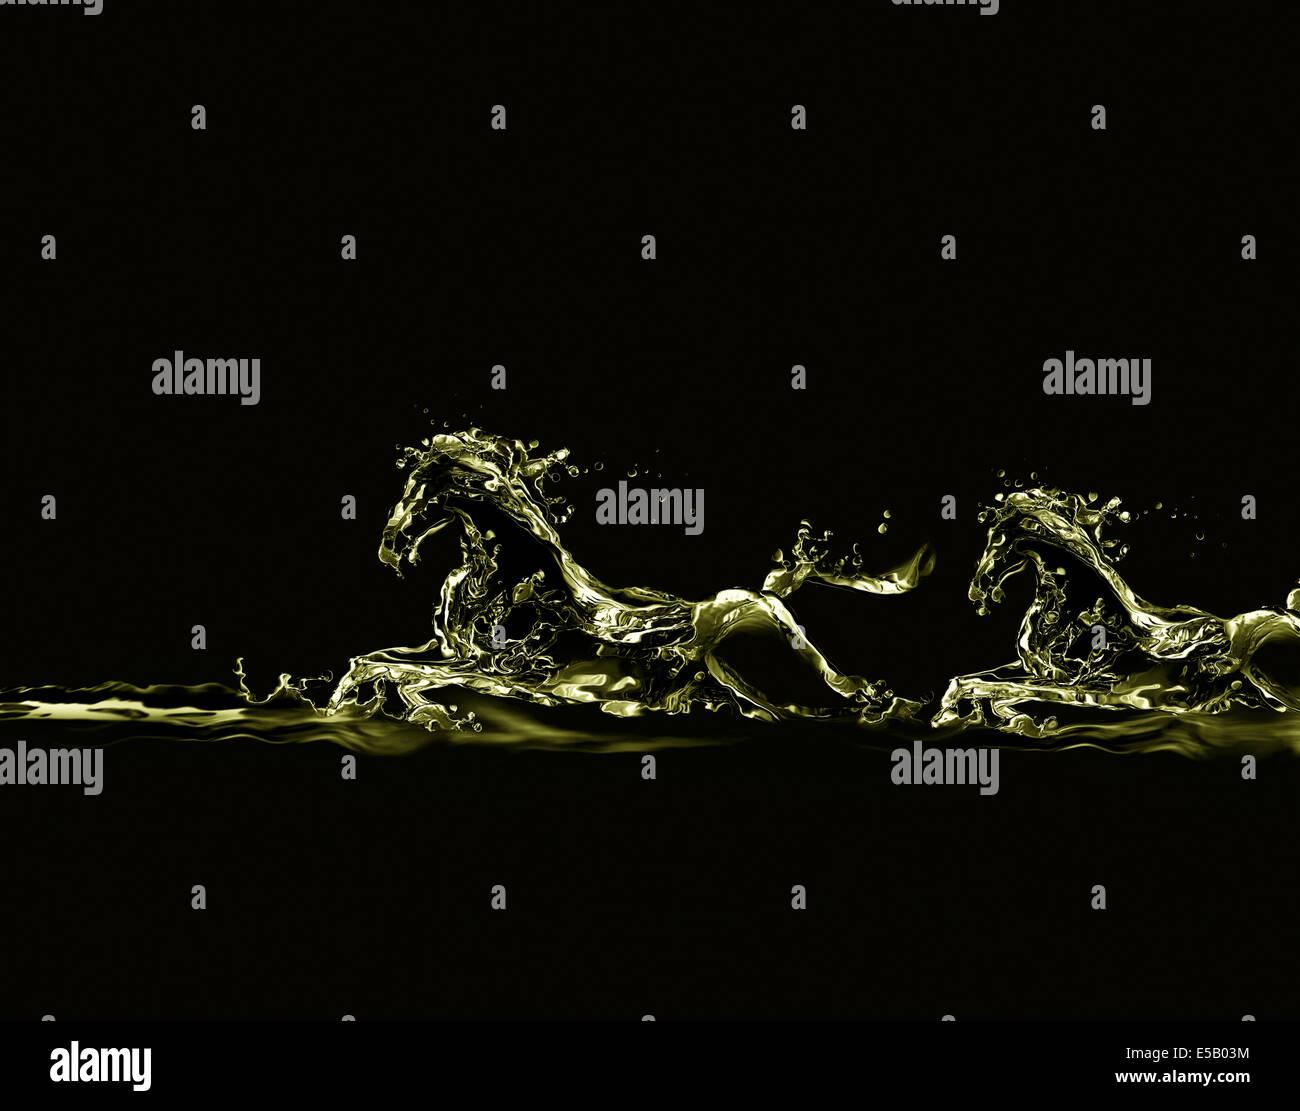 Silhouetten von zwei laufende Pferde hergestellt aus flüssigem Gold auf schwarz. Stockbild